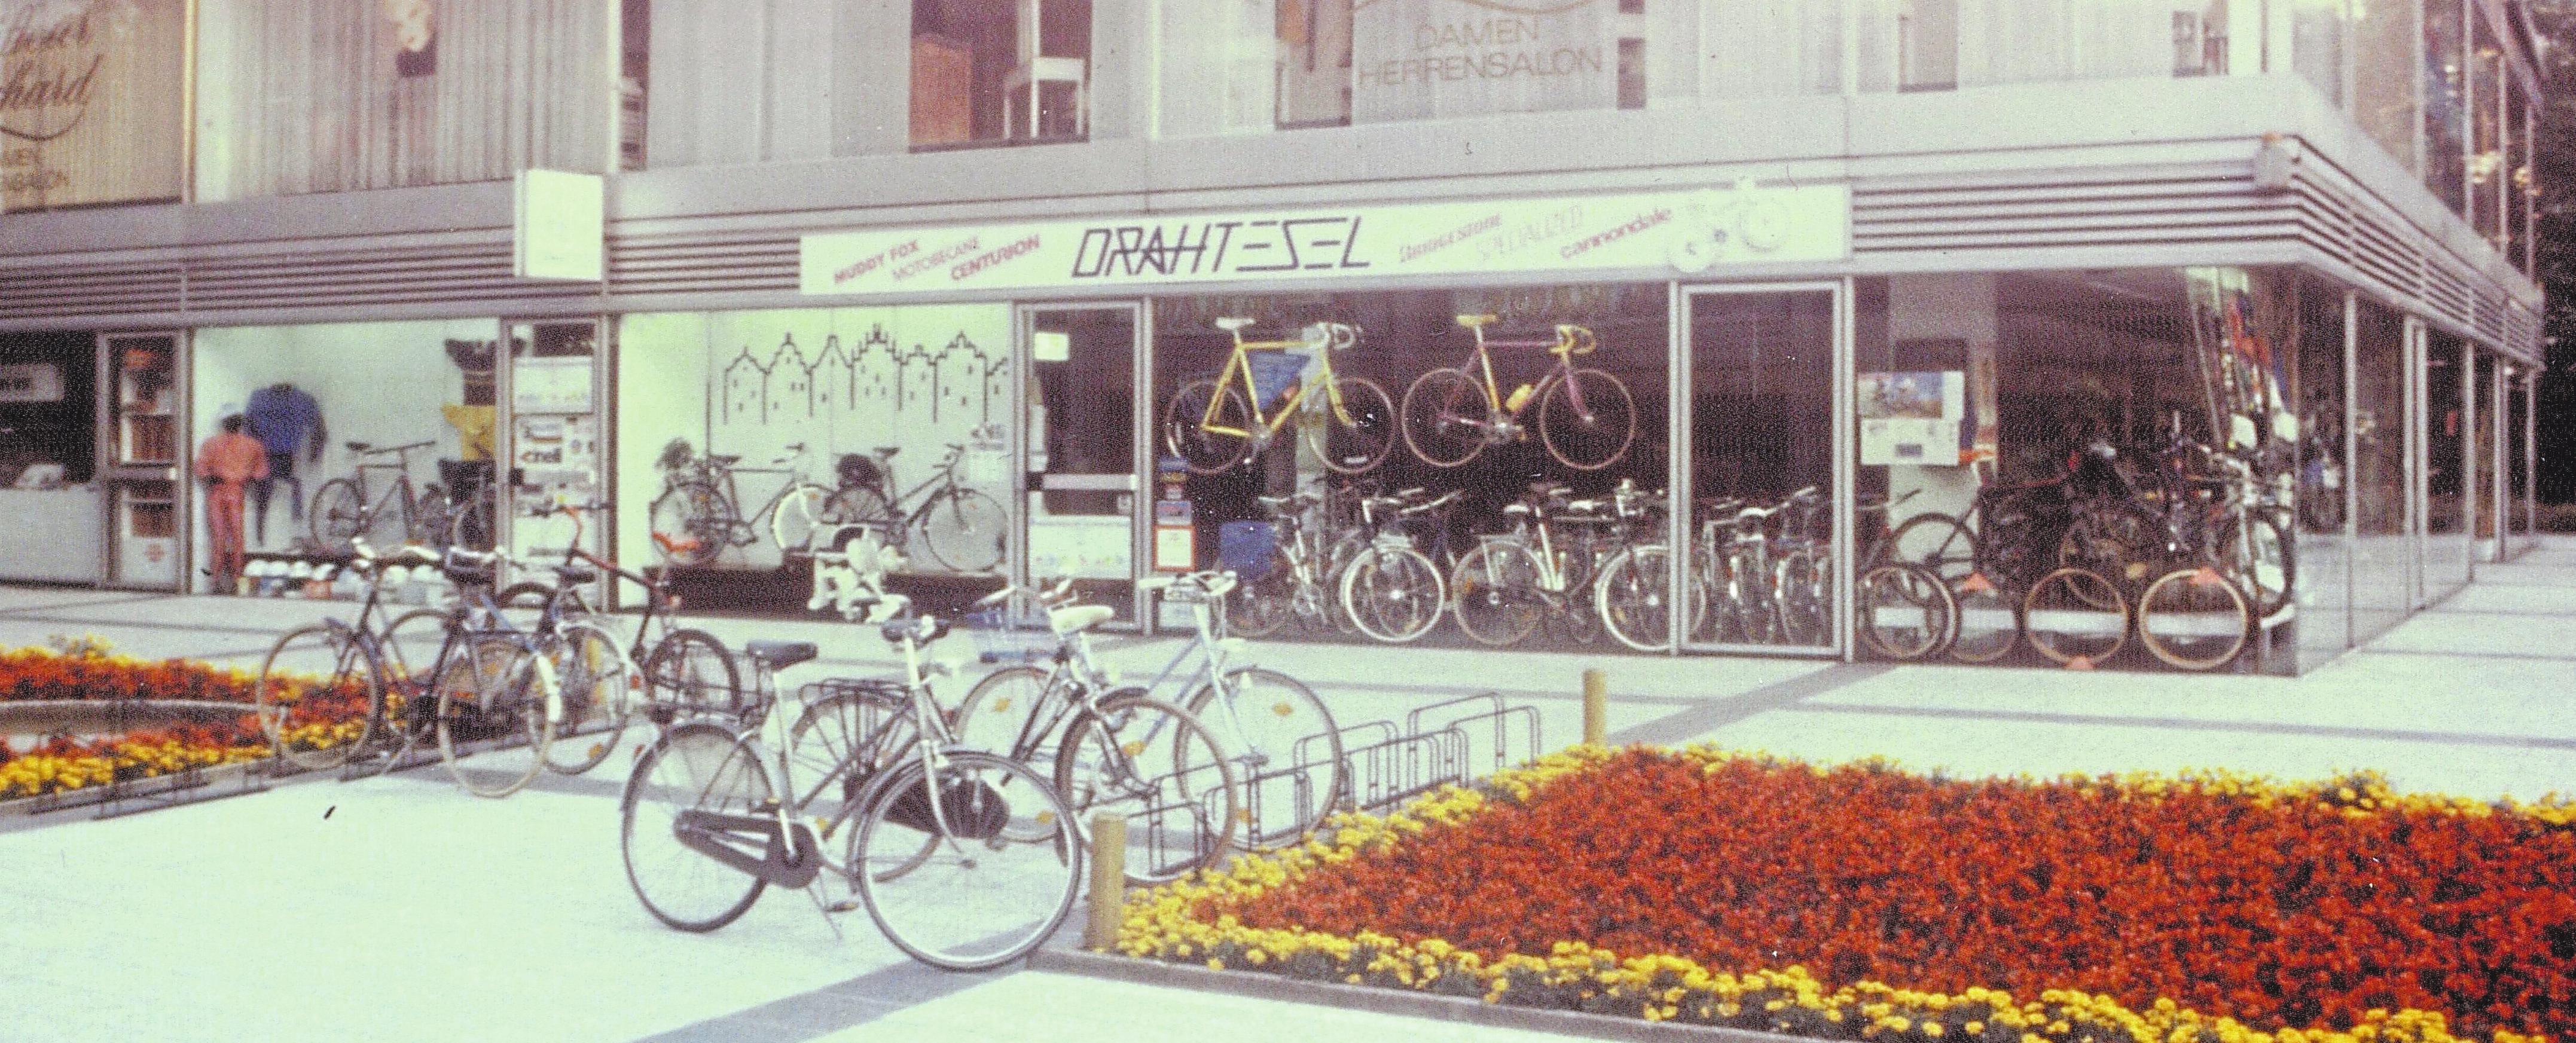 1988 zog das Team mit dem Drahtesel an den Servatiiplatz. Dort sind die Leezen-Liebhaber noch heute zu finden. Foto: Drahtesel